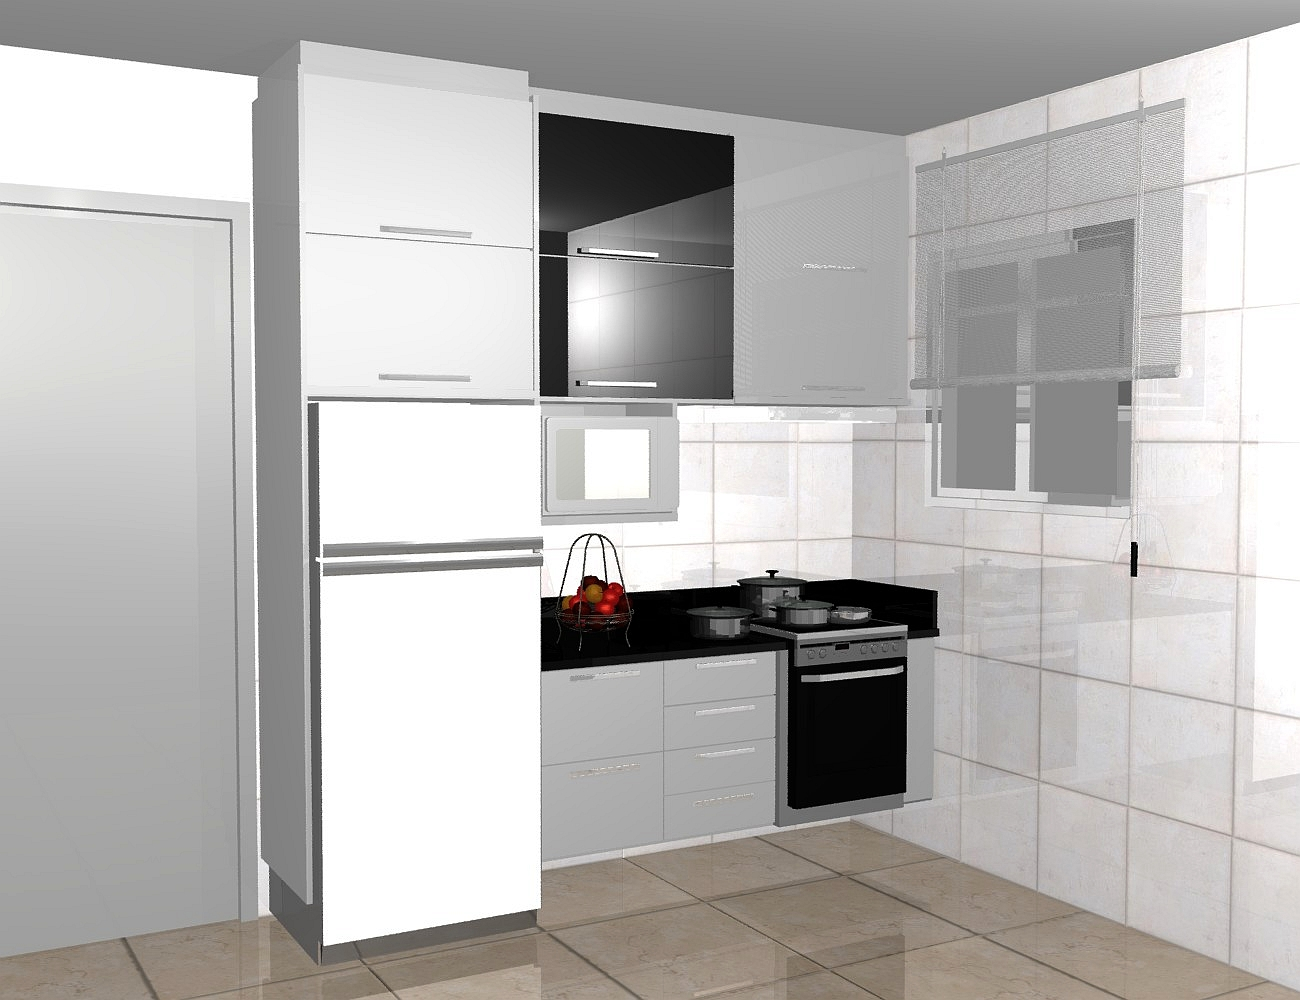 cozinhas planejadas simples bonita pequenas de luxo projeto branca #AE241D 1300 1000